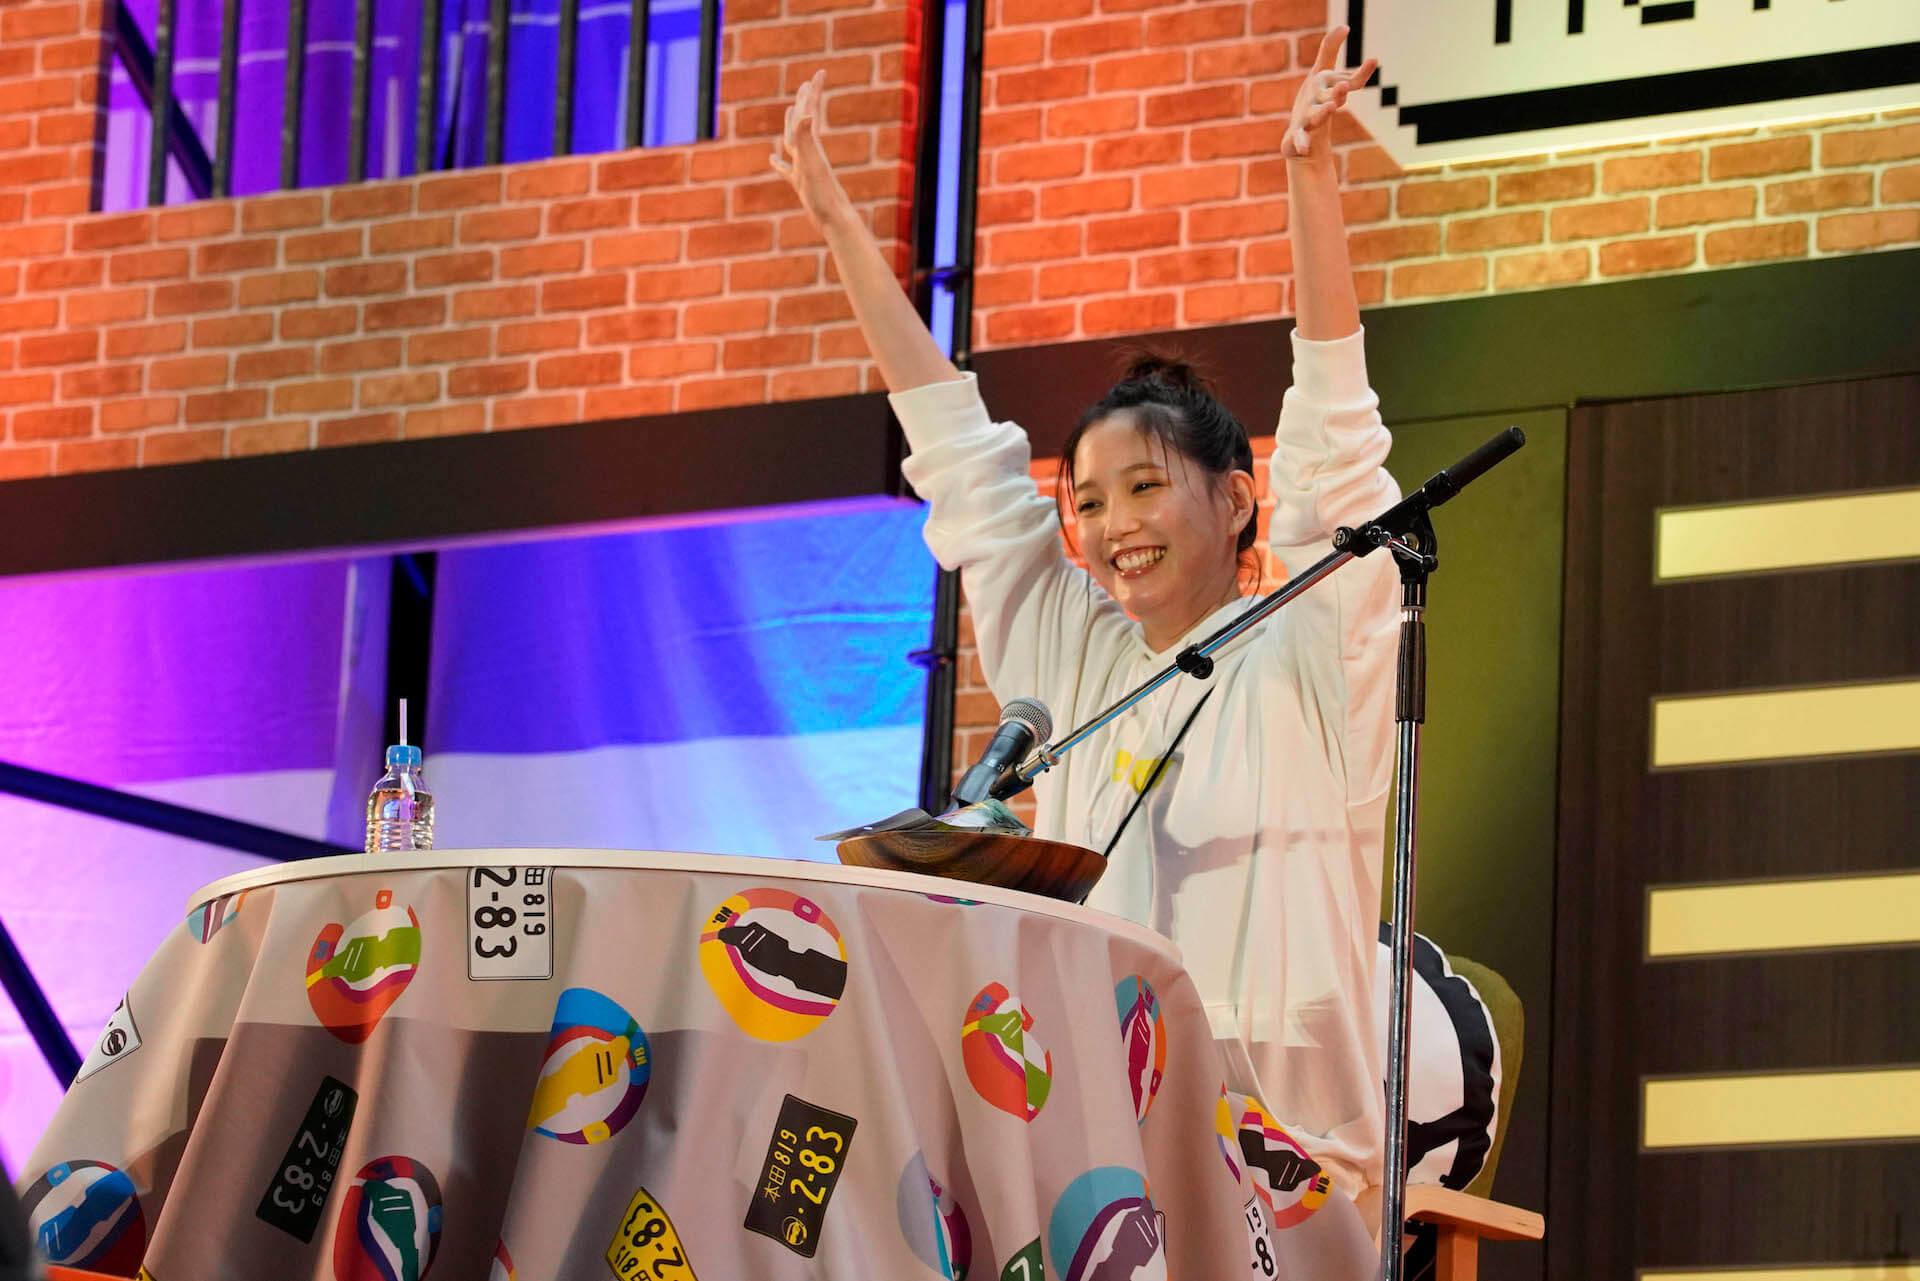 本田翼、YouTubeアカウントほんだのばいく開設1周年イベントで大興奮!レポートが到着 art191023_hondanobike_4